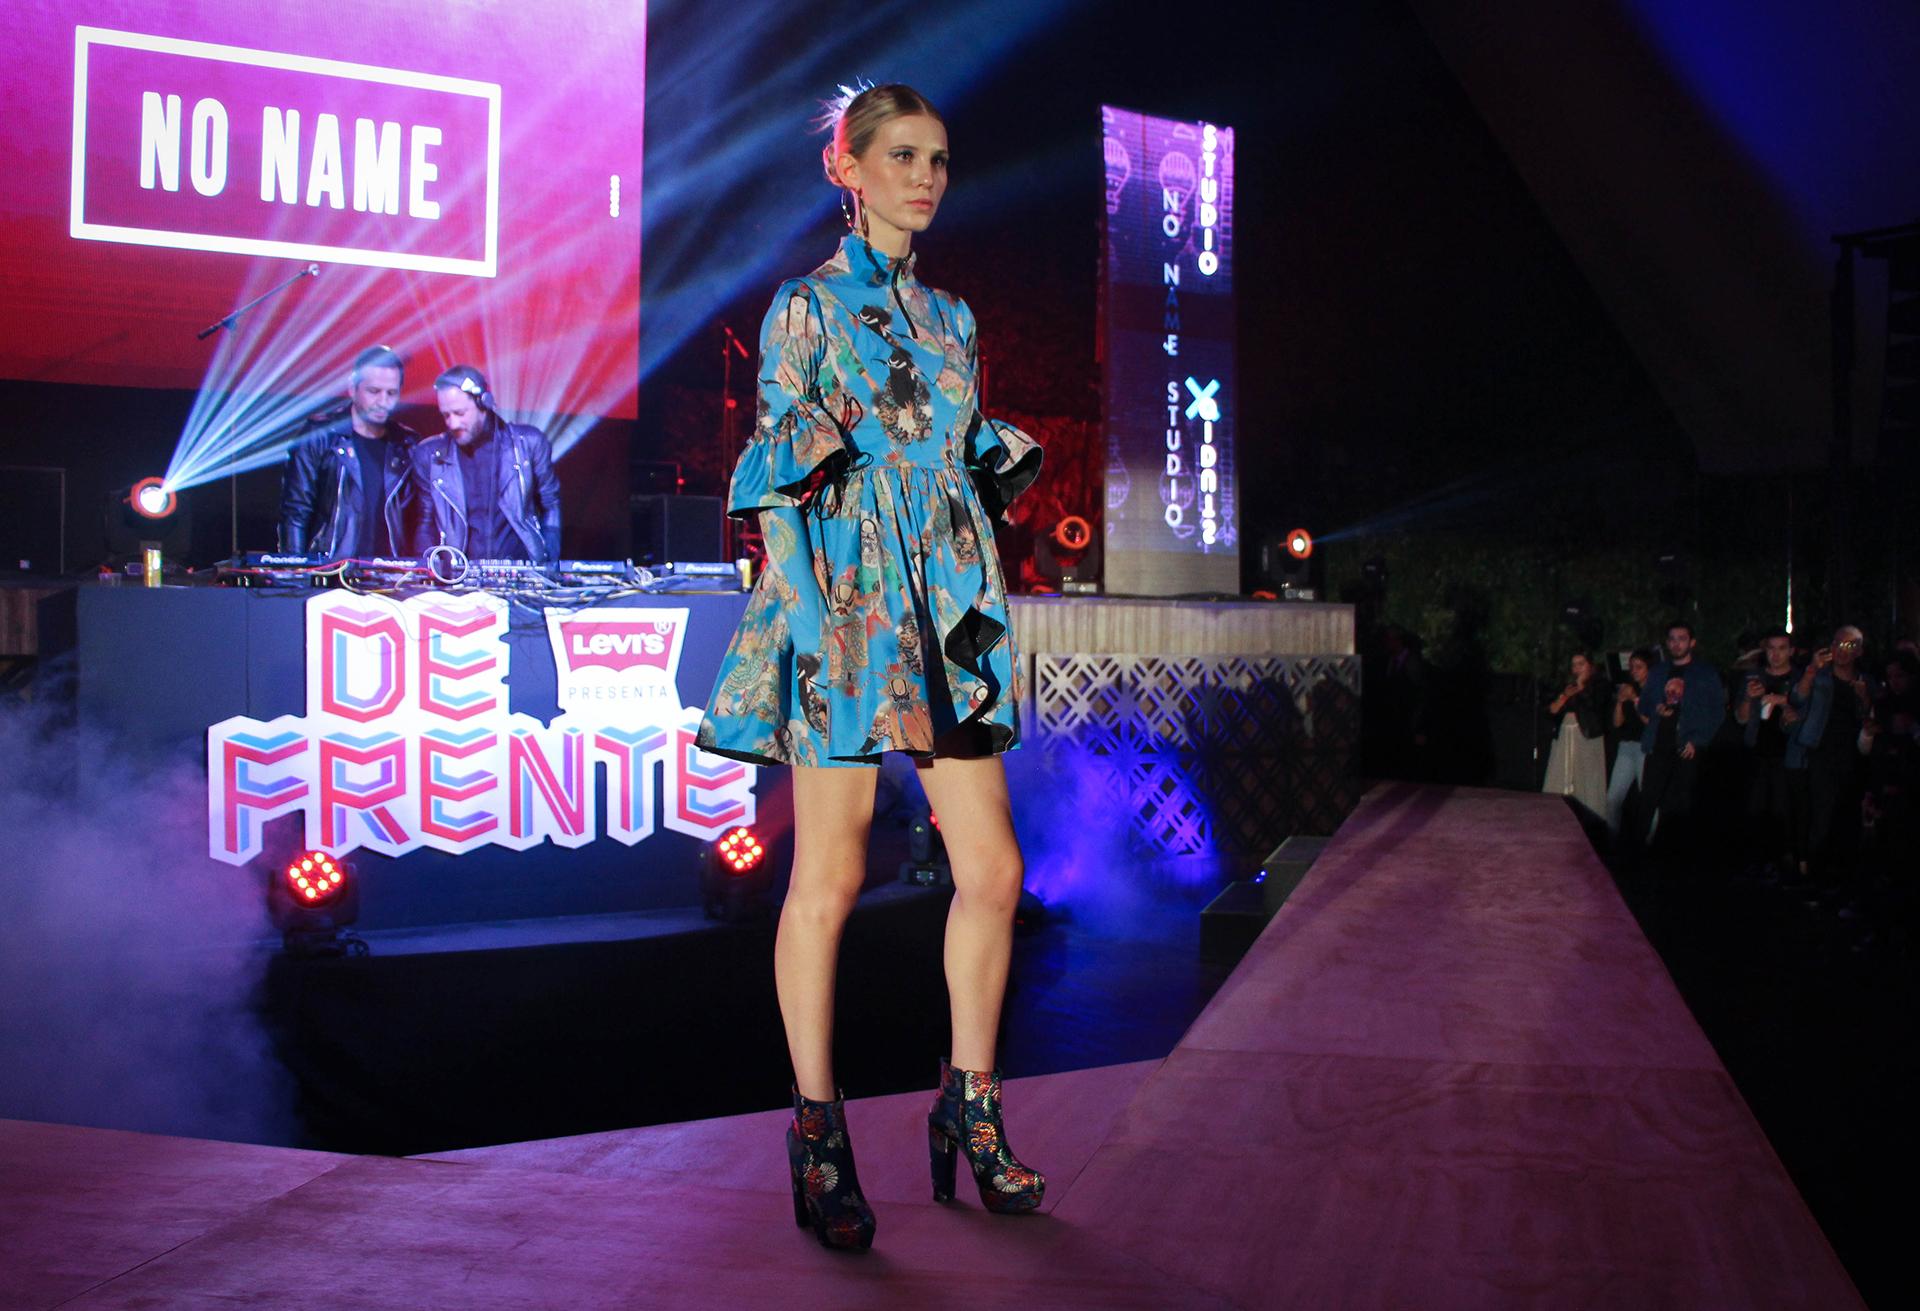 Moda, música y toda una increíble fiesta el regreso de #FestivaldeFrente